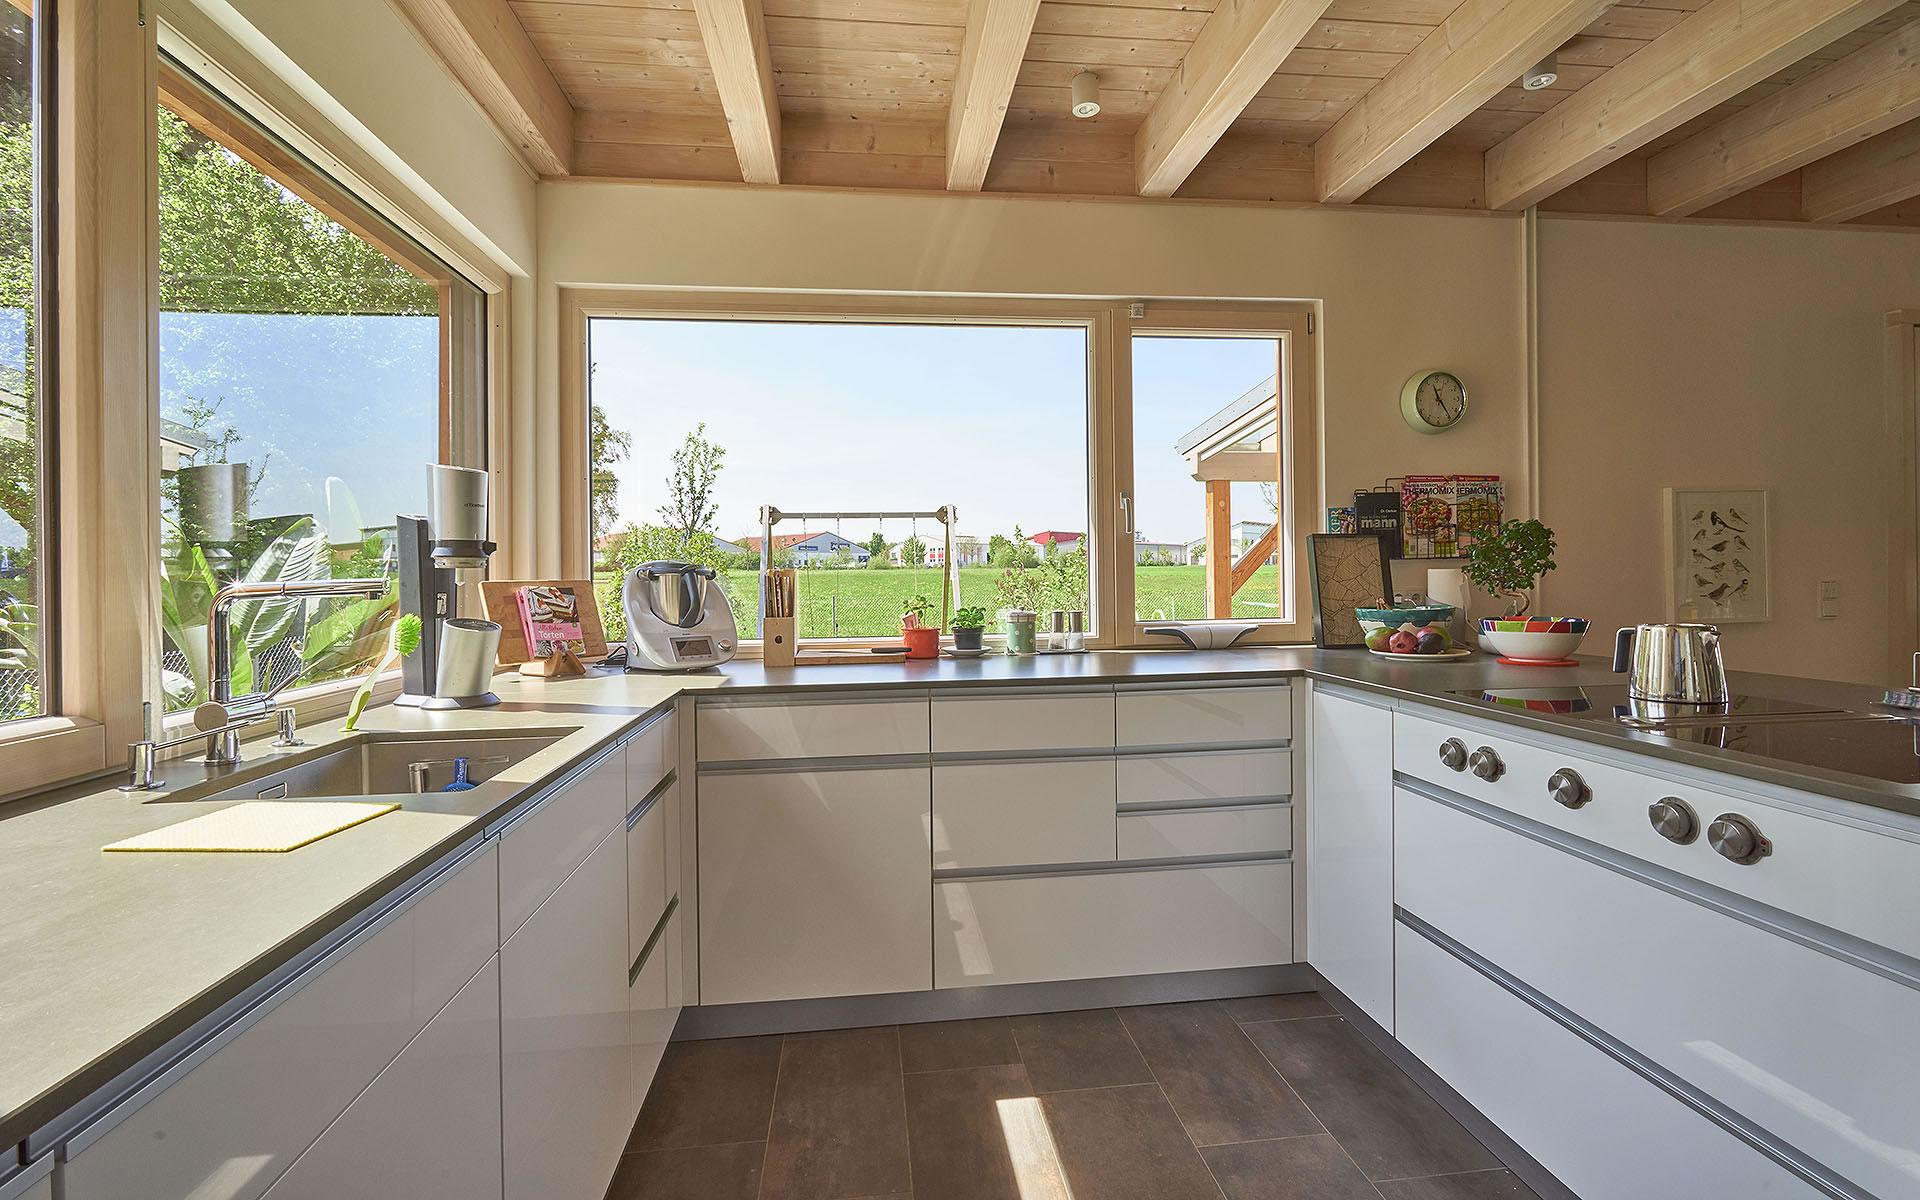 Oberndorf von Sonnleitner Holzbauwerke GmbH & Co. KG